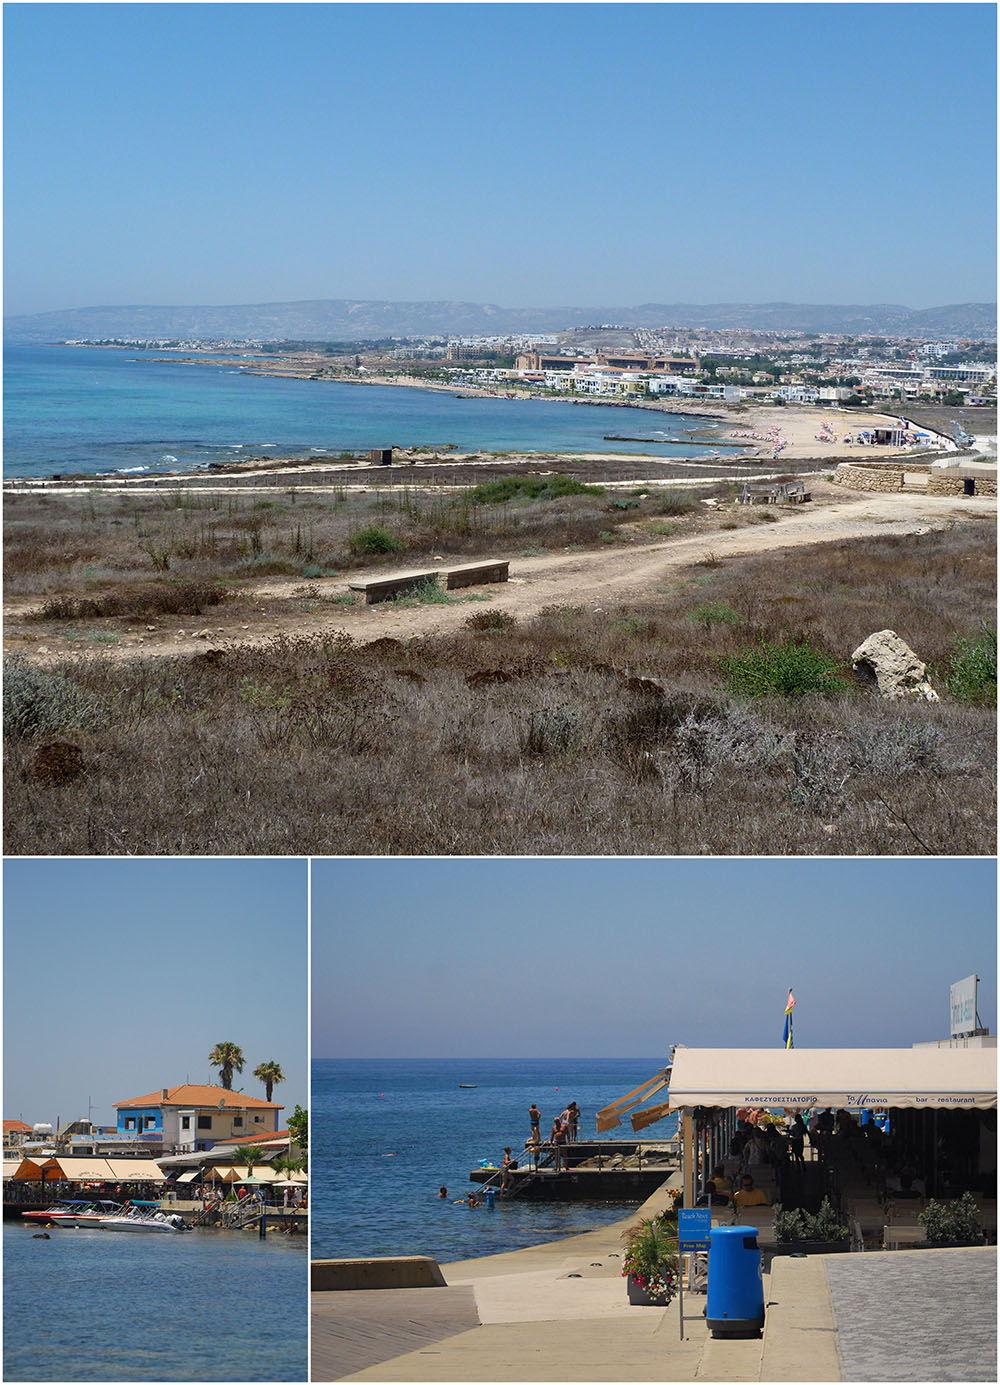 paphos bord de mer, Chypre